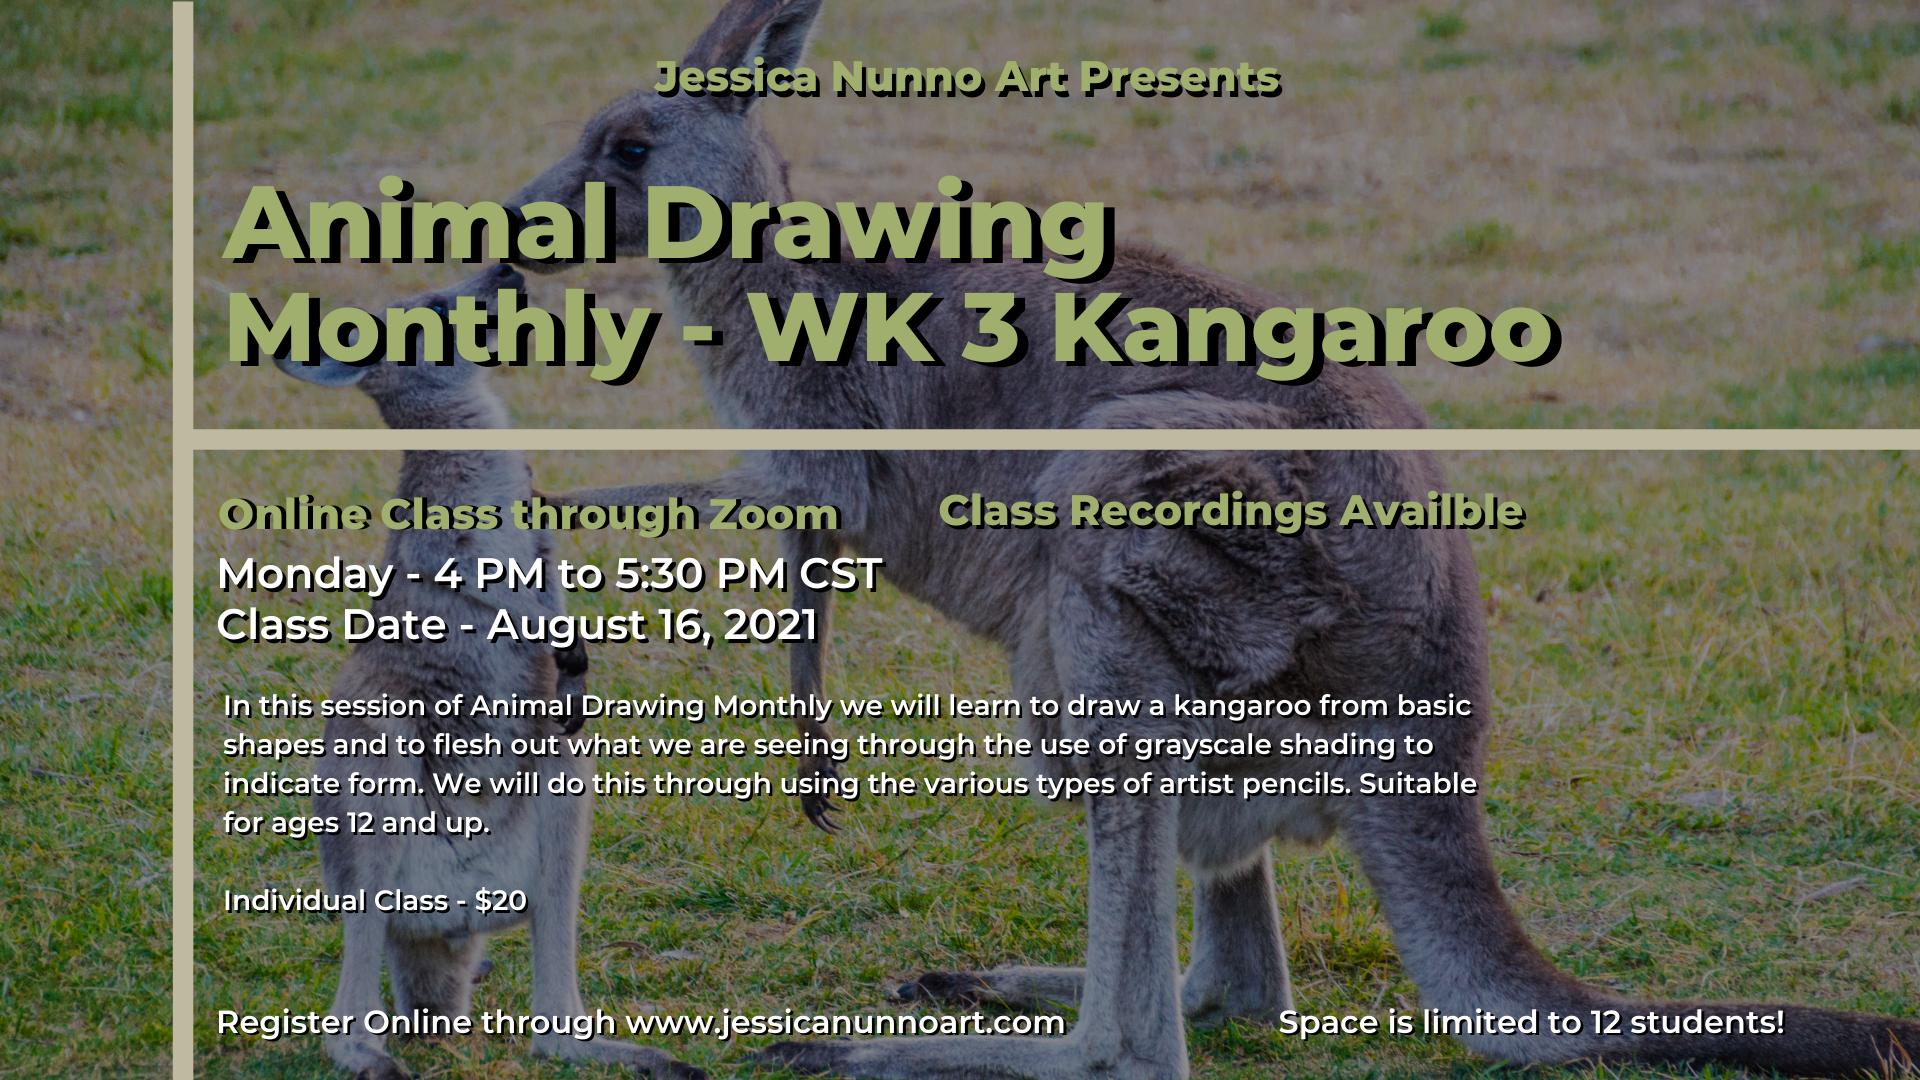 Animal Drawing - Desert - WK 3 Kangaroo